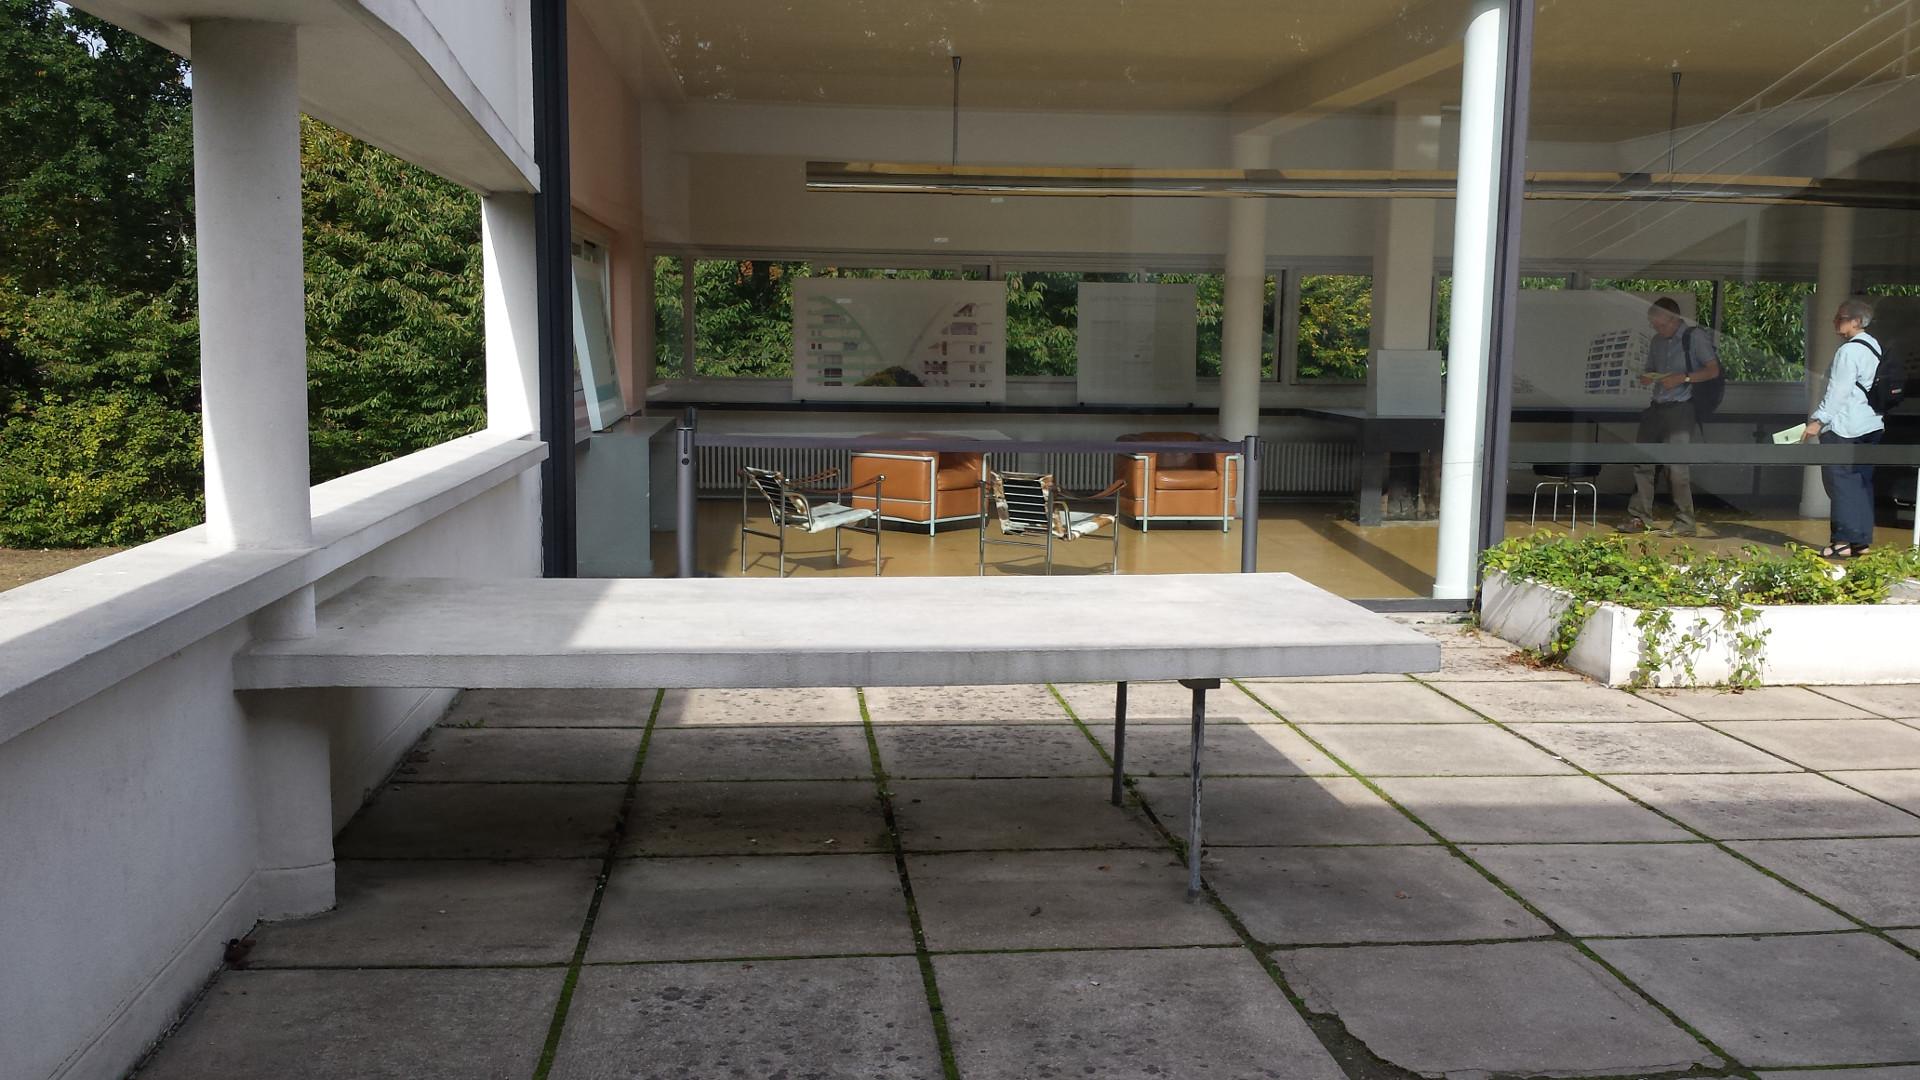 Bta bollettino telematico dell 39 arte testi - Le corbusier tetto giardino ...